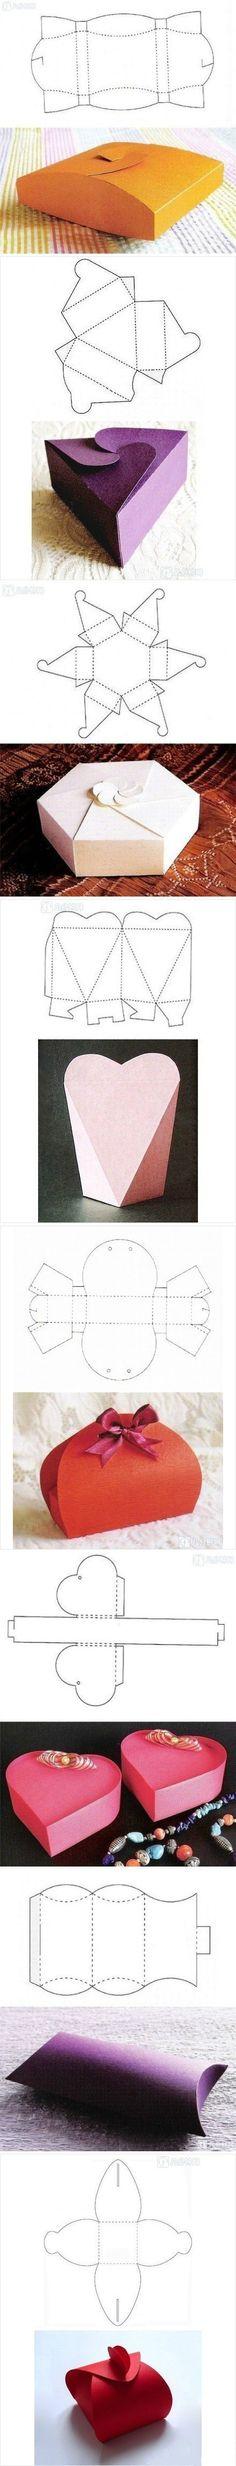 【包装礼盒】8种创意礼物盒图纸